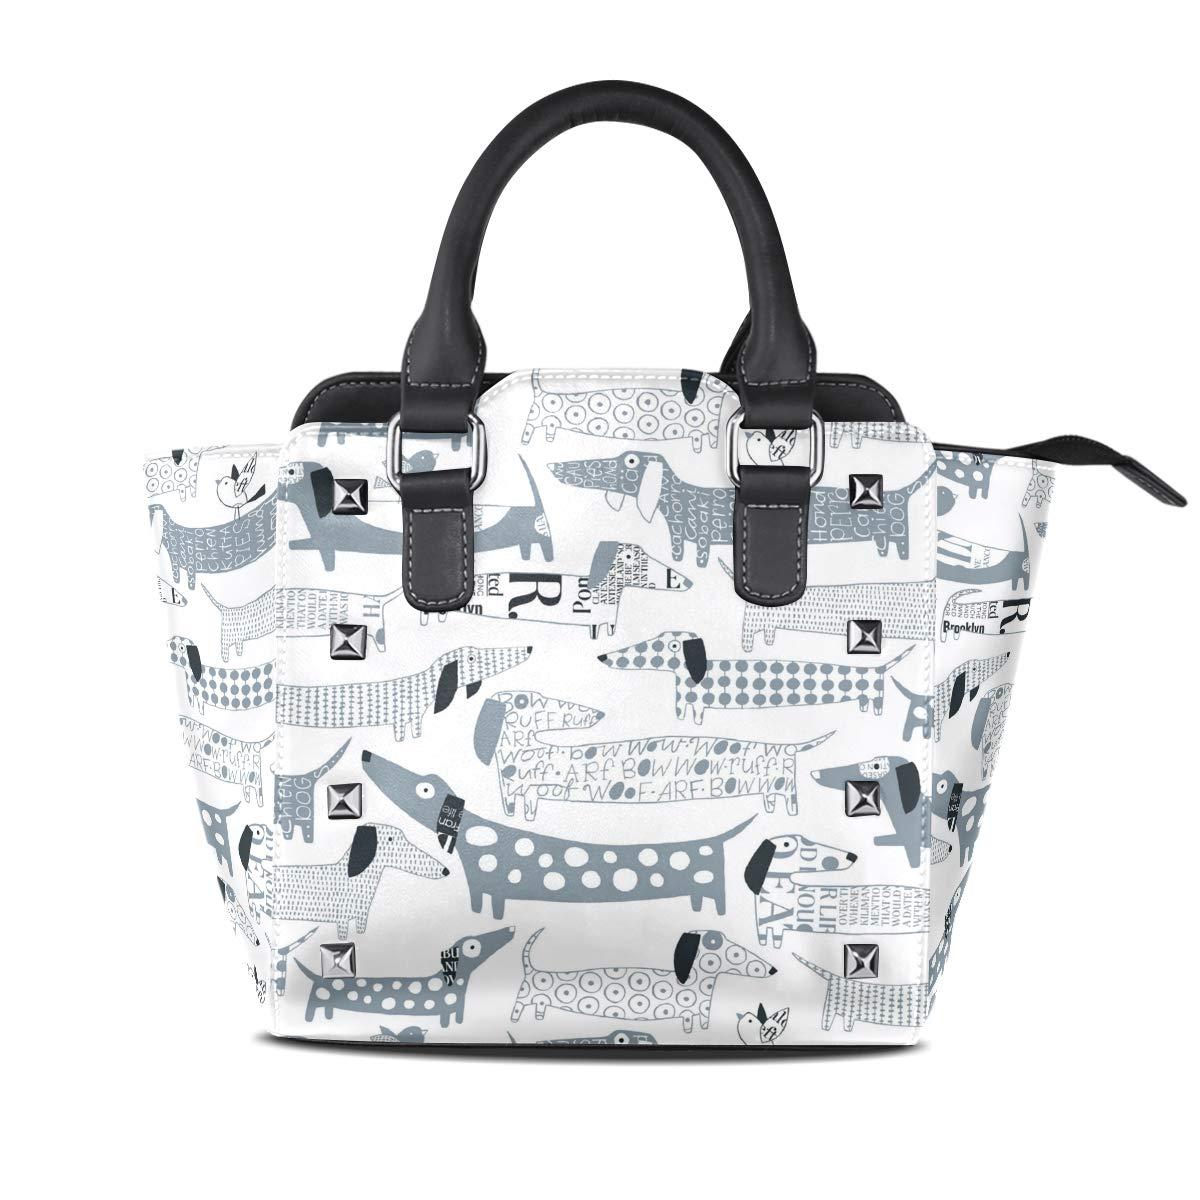 Design3 Handbag colorful Plaid Genuine Leather Tote Rivet Bag Shoulder Strap Top Handle Women